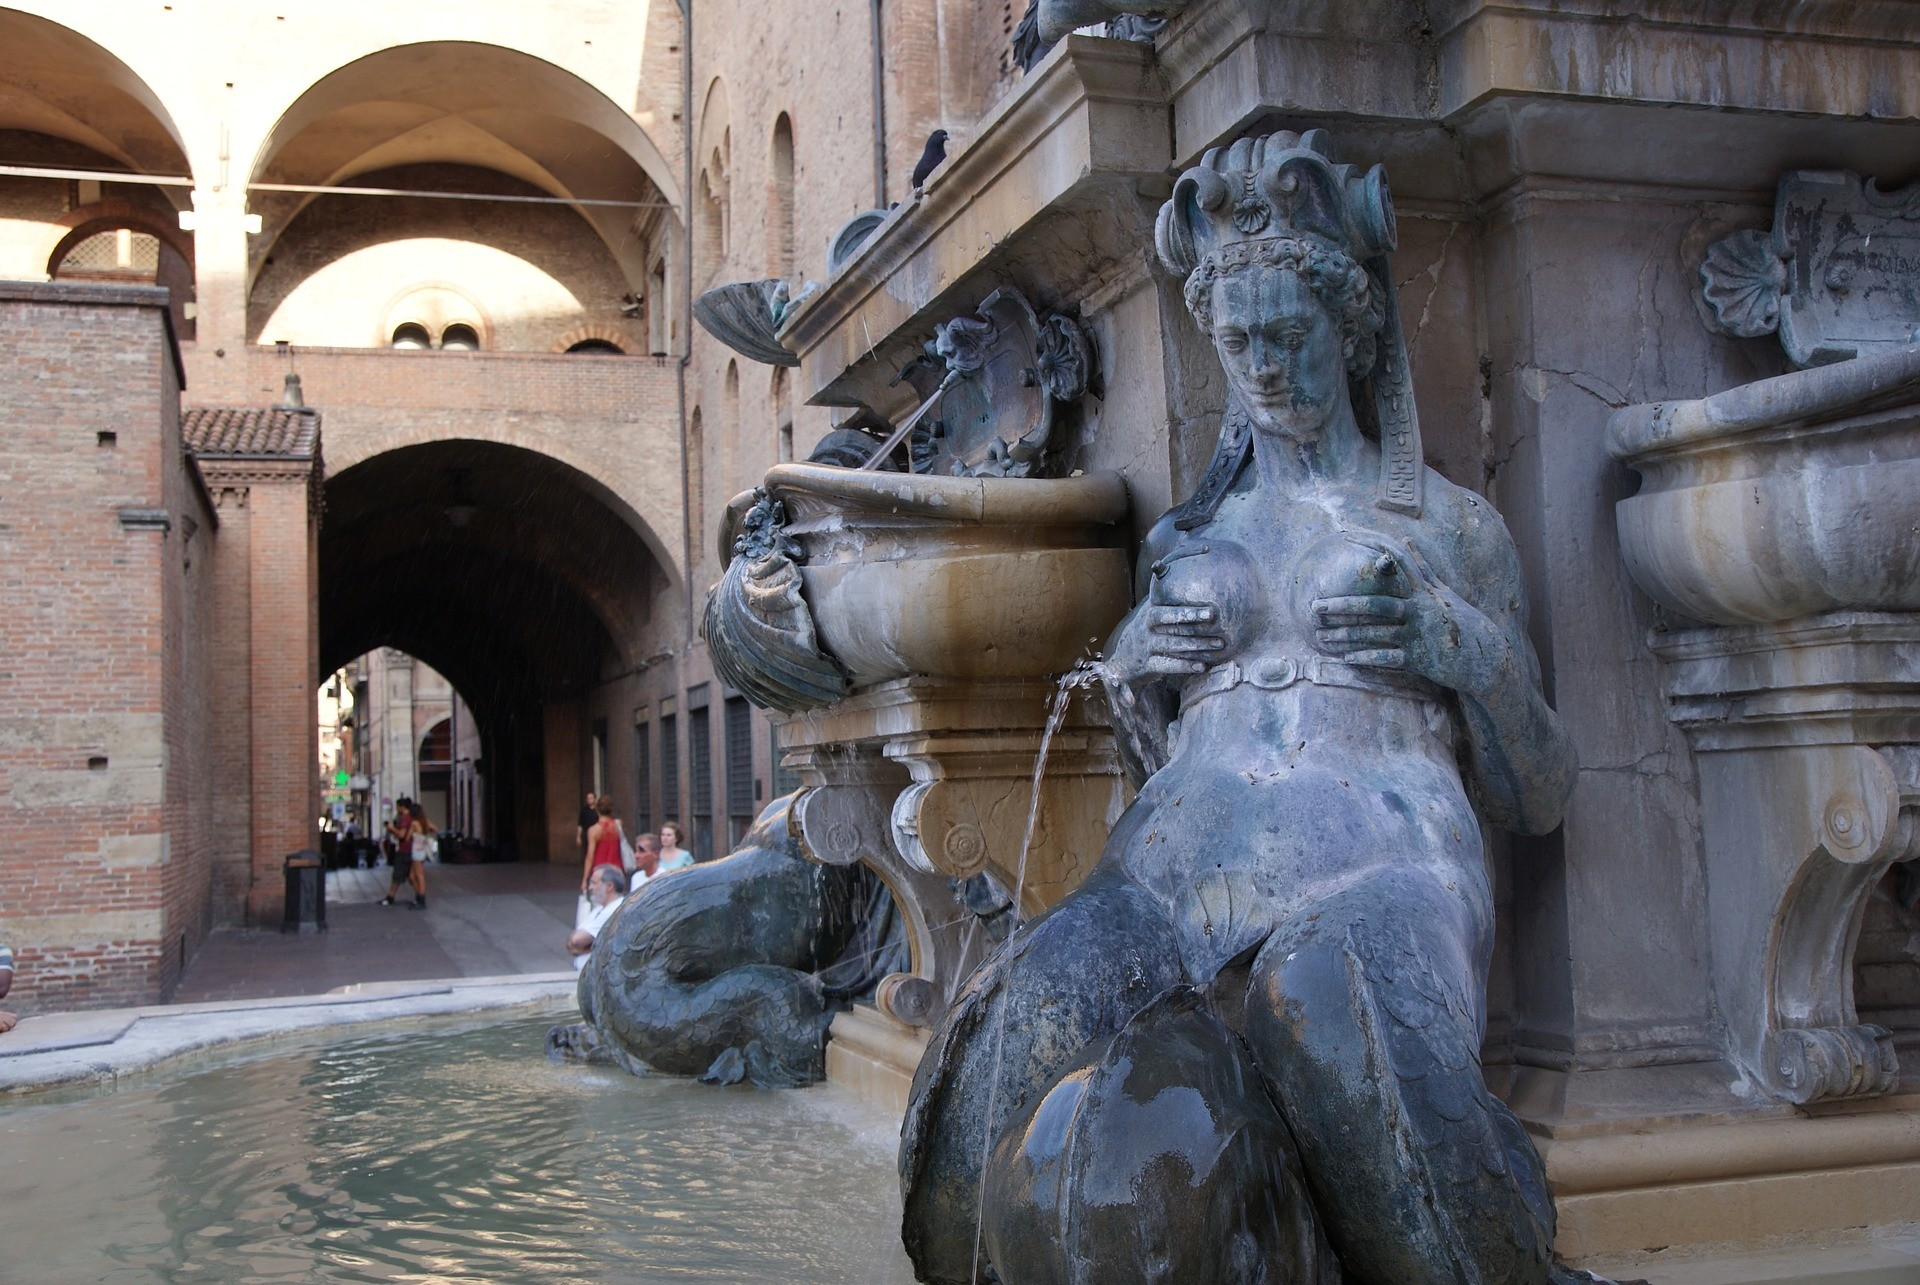 Doświadczenie w Bolonii, Włochy według Chiary